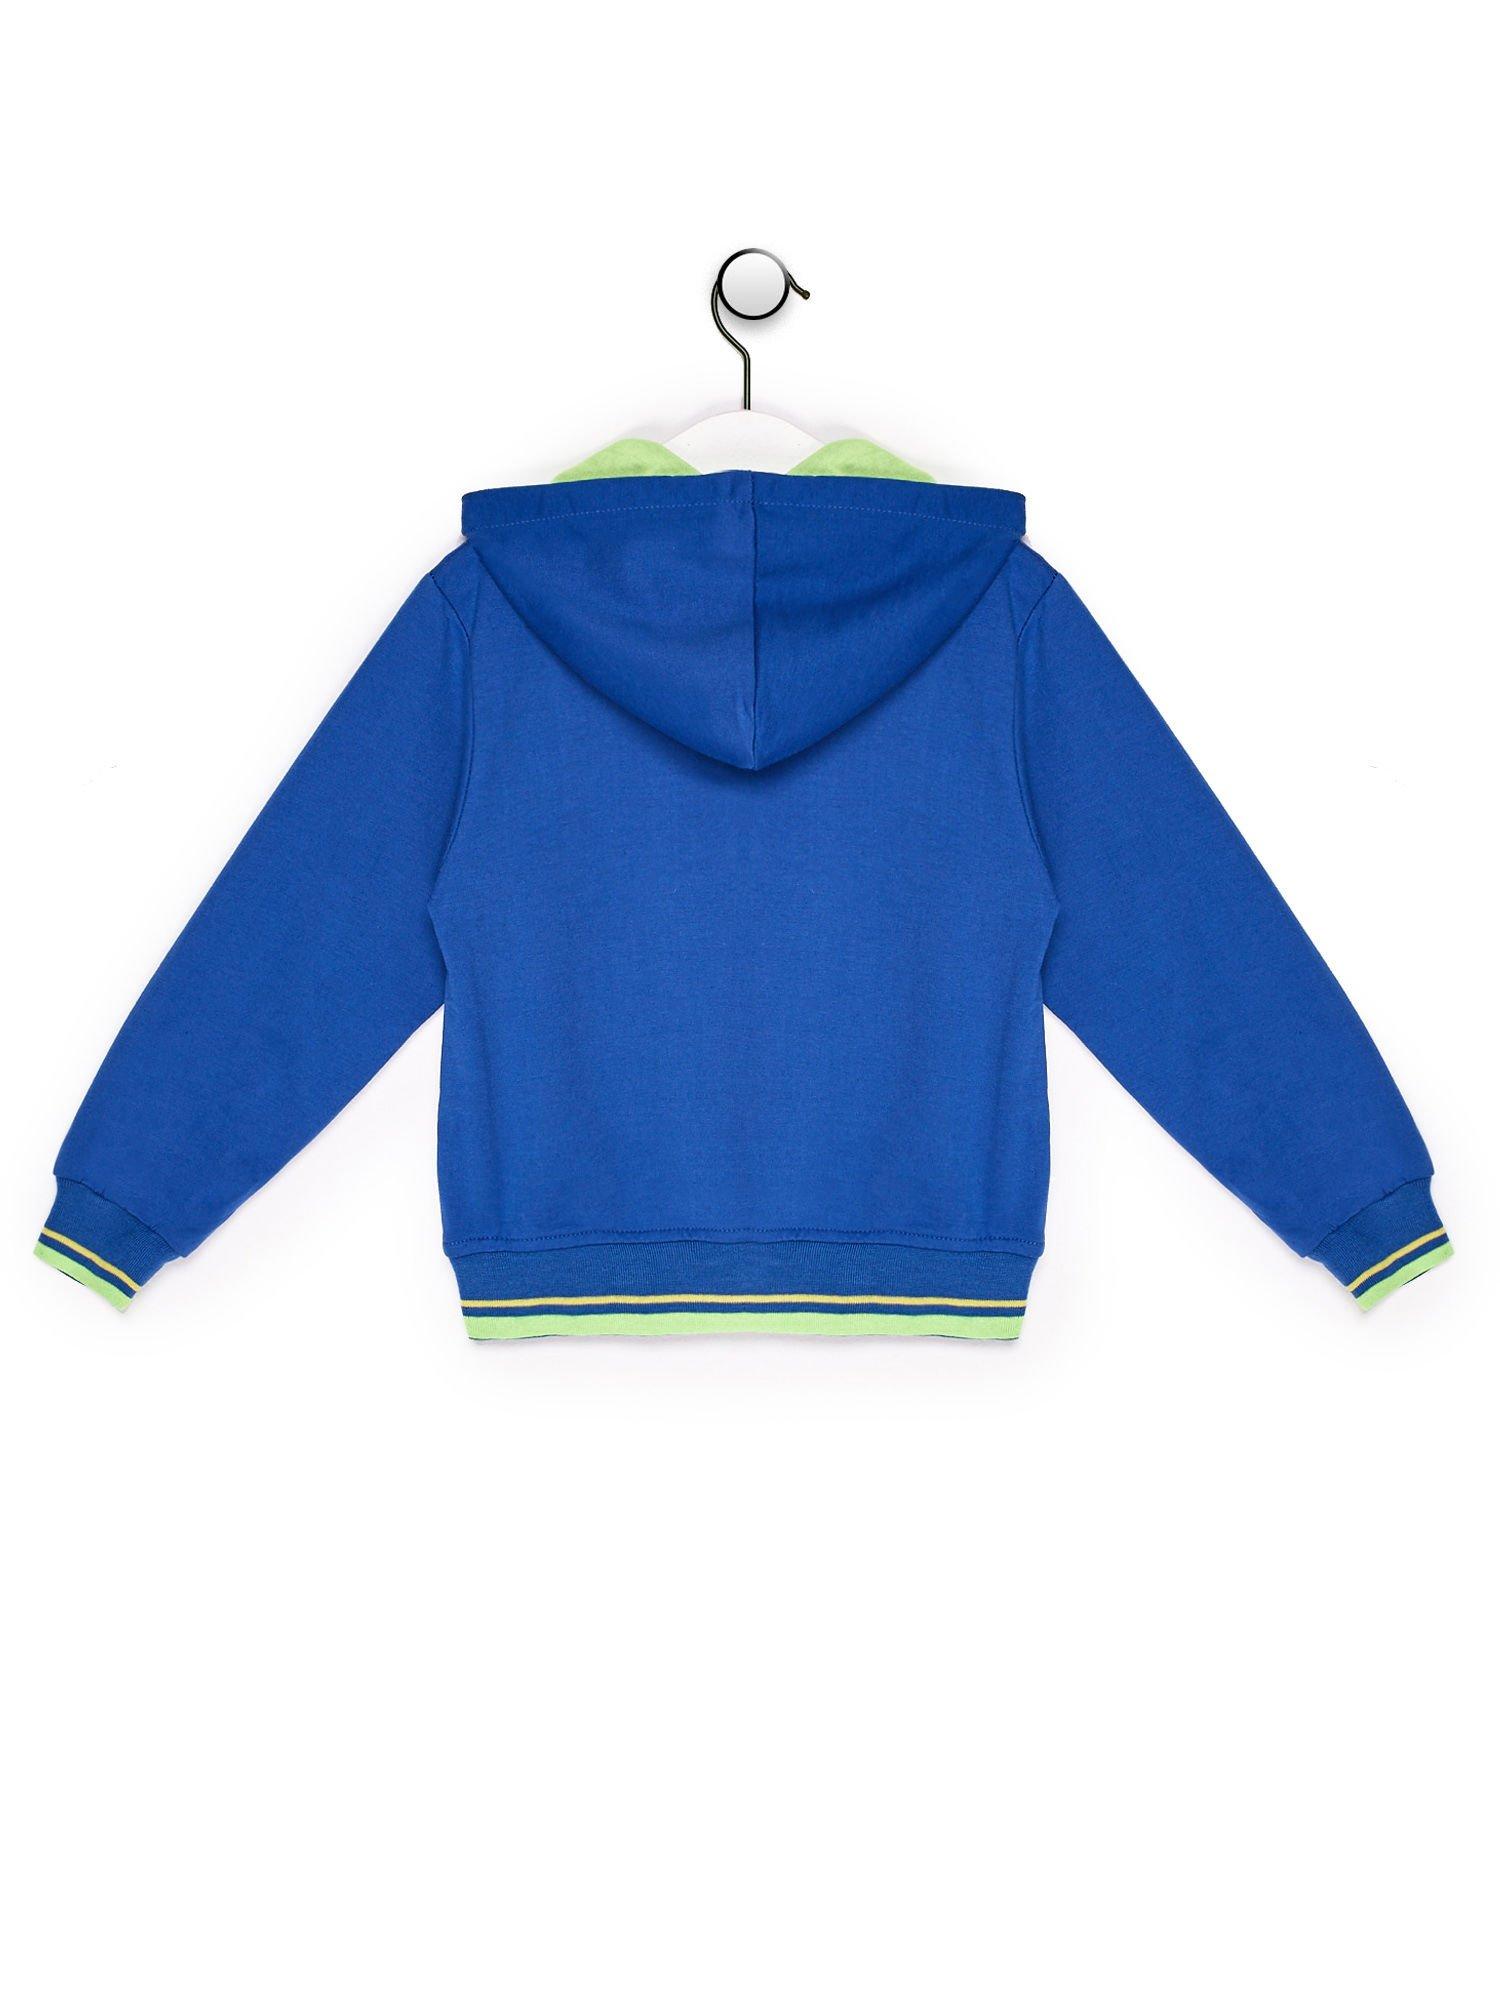 Bluza chłopięca z kolorową tekstową naszywką niebieska